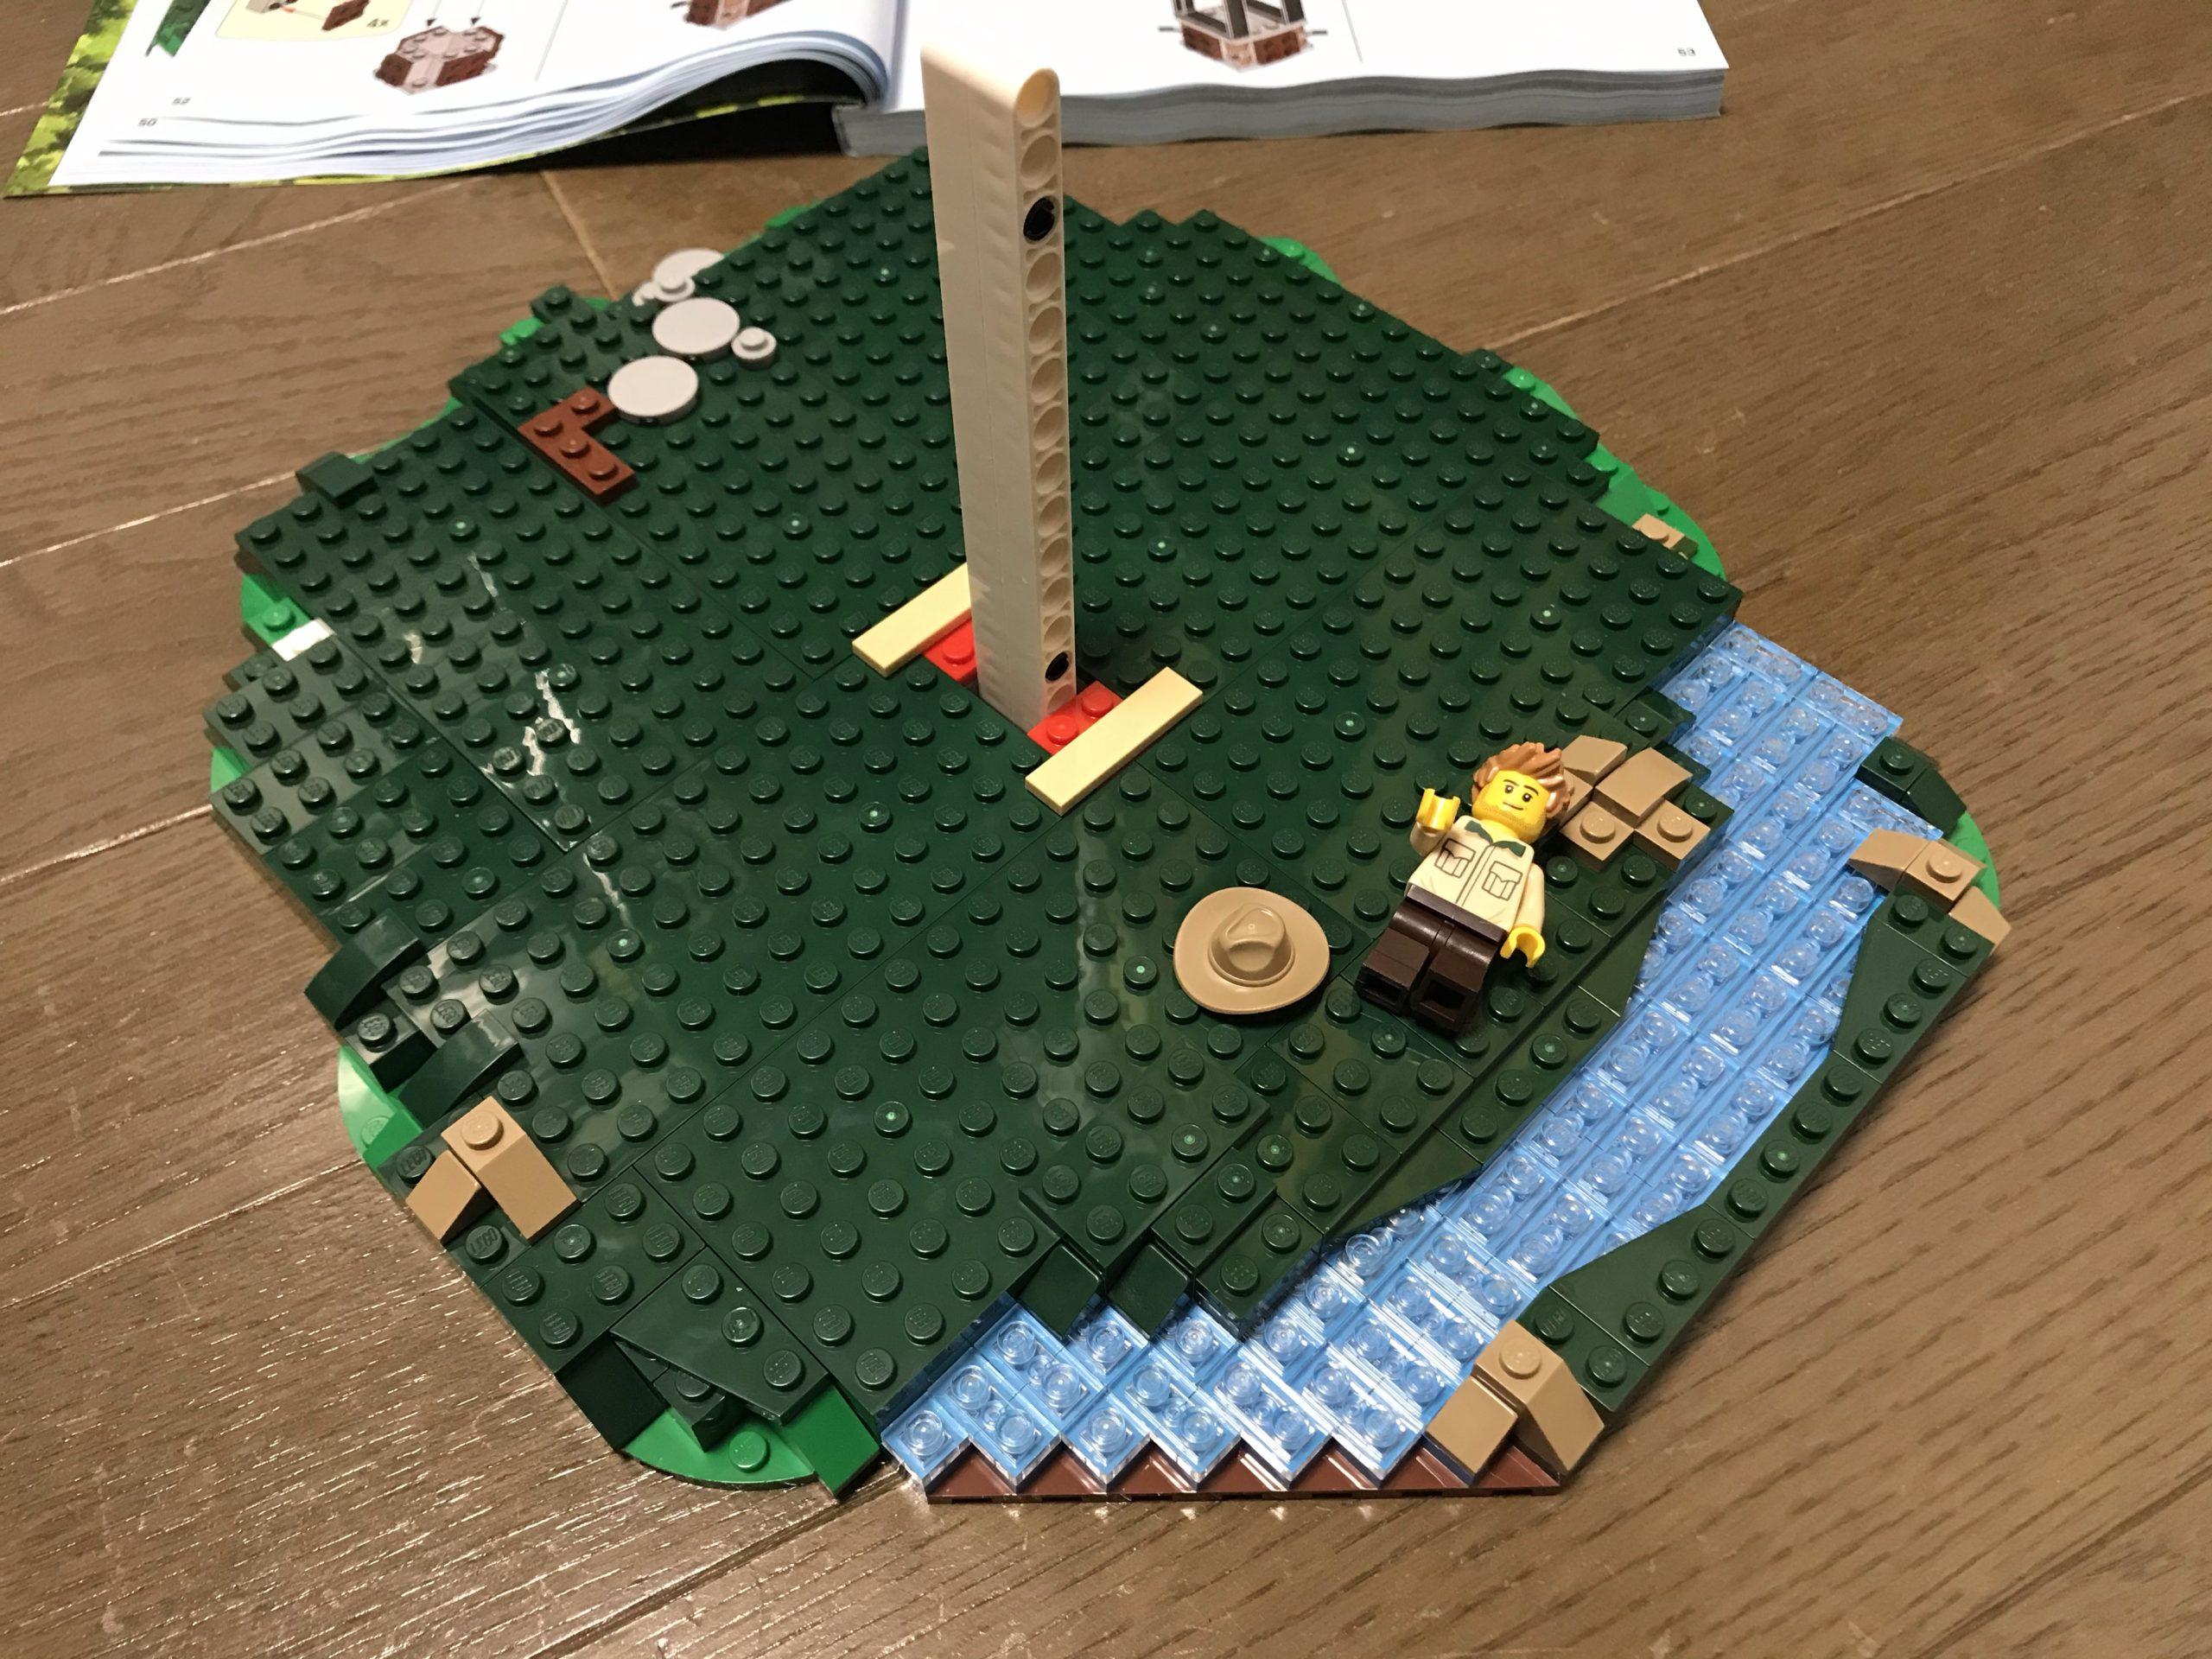 LEGOツリーハウス(21318)組み立て2 川がいいアクセントになっている